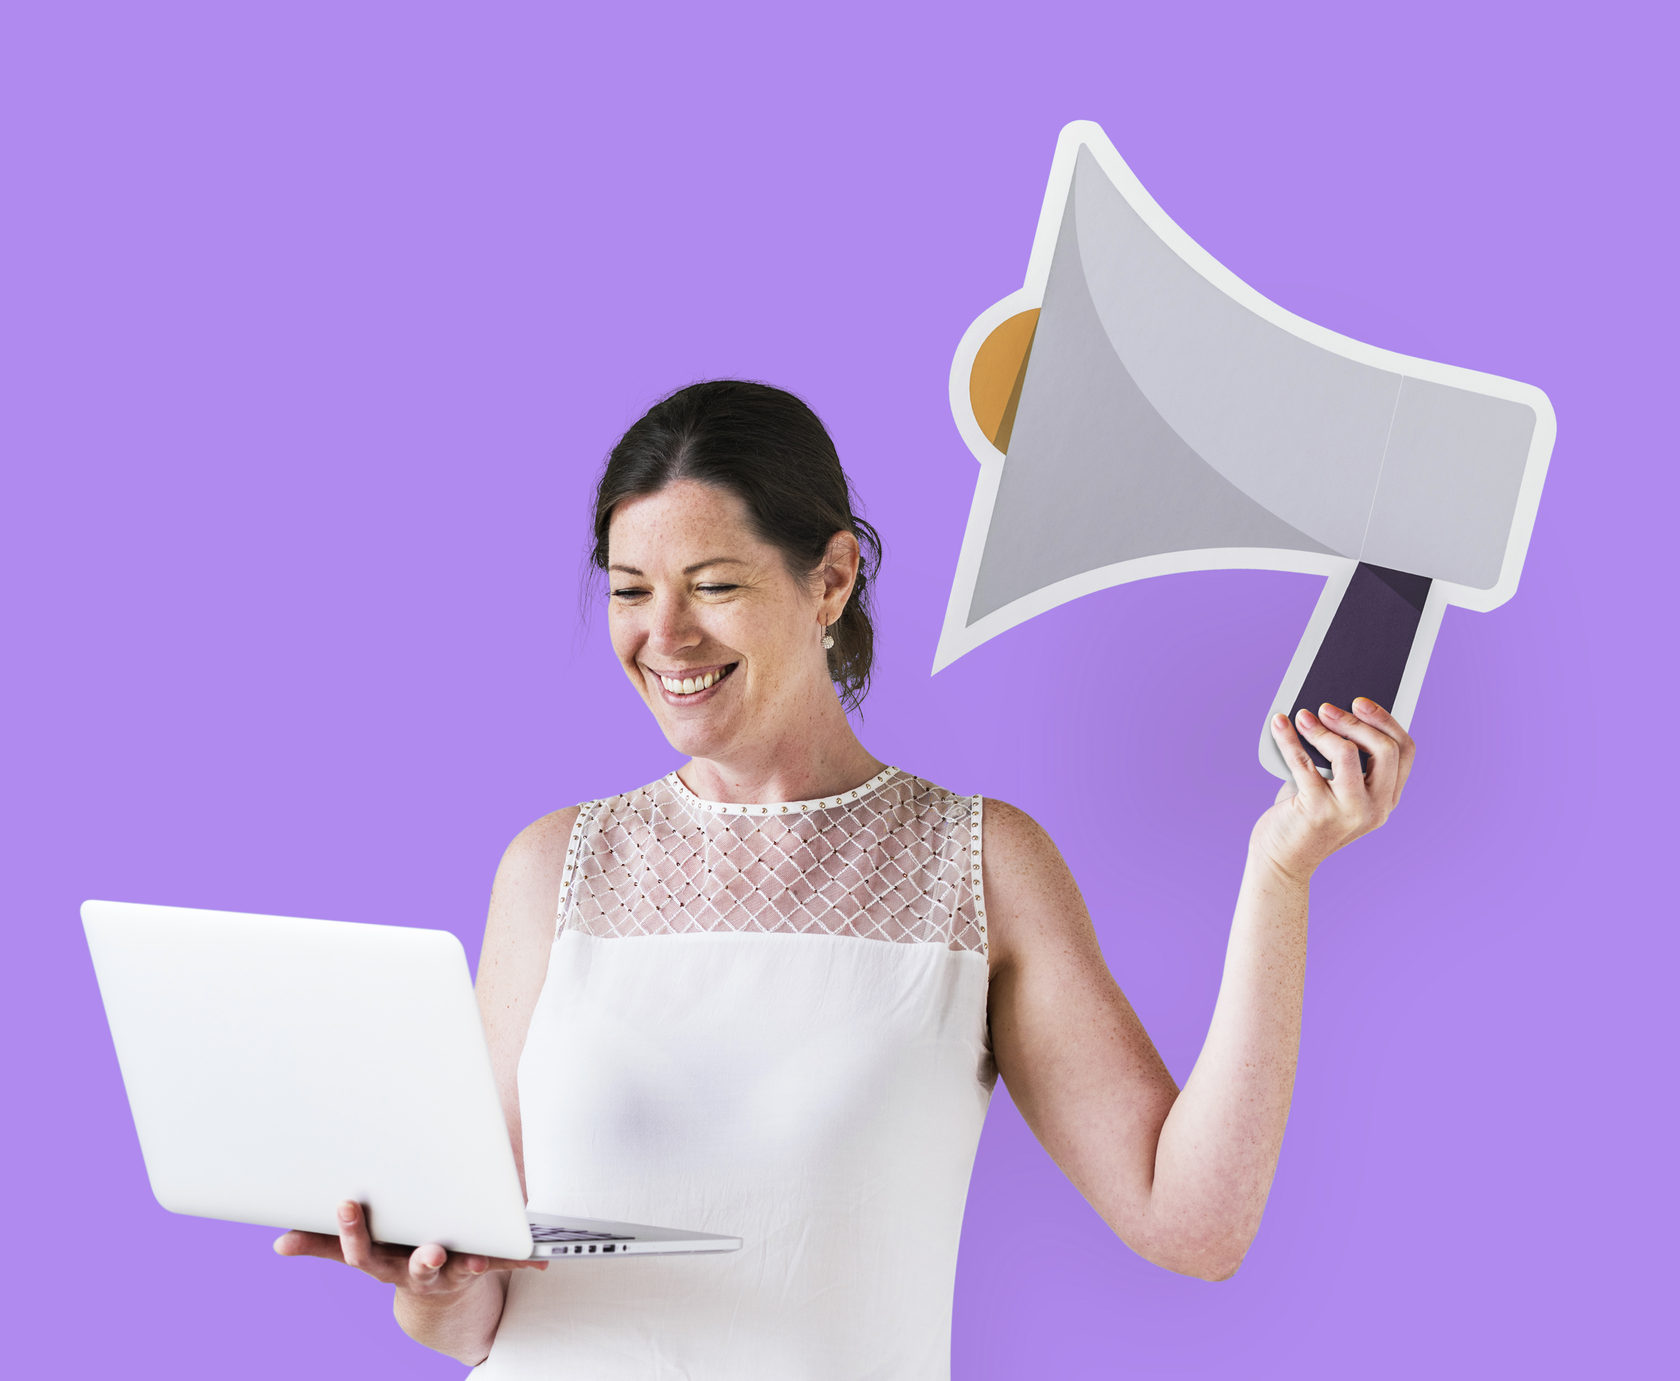 Голосовые сообщения в деловой переписке. МегаФон и Фонтанка.ру